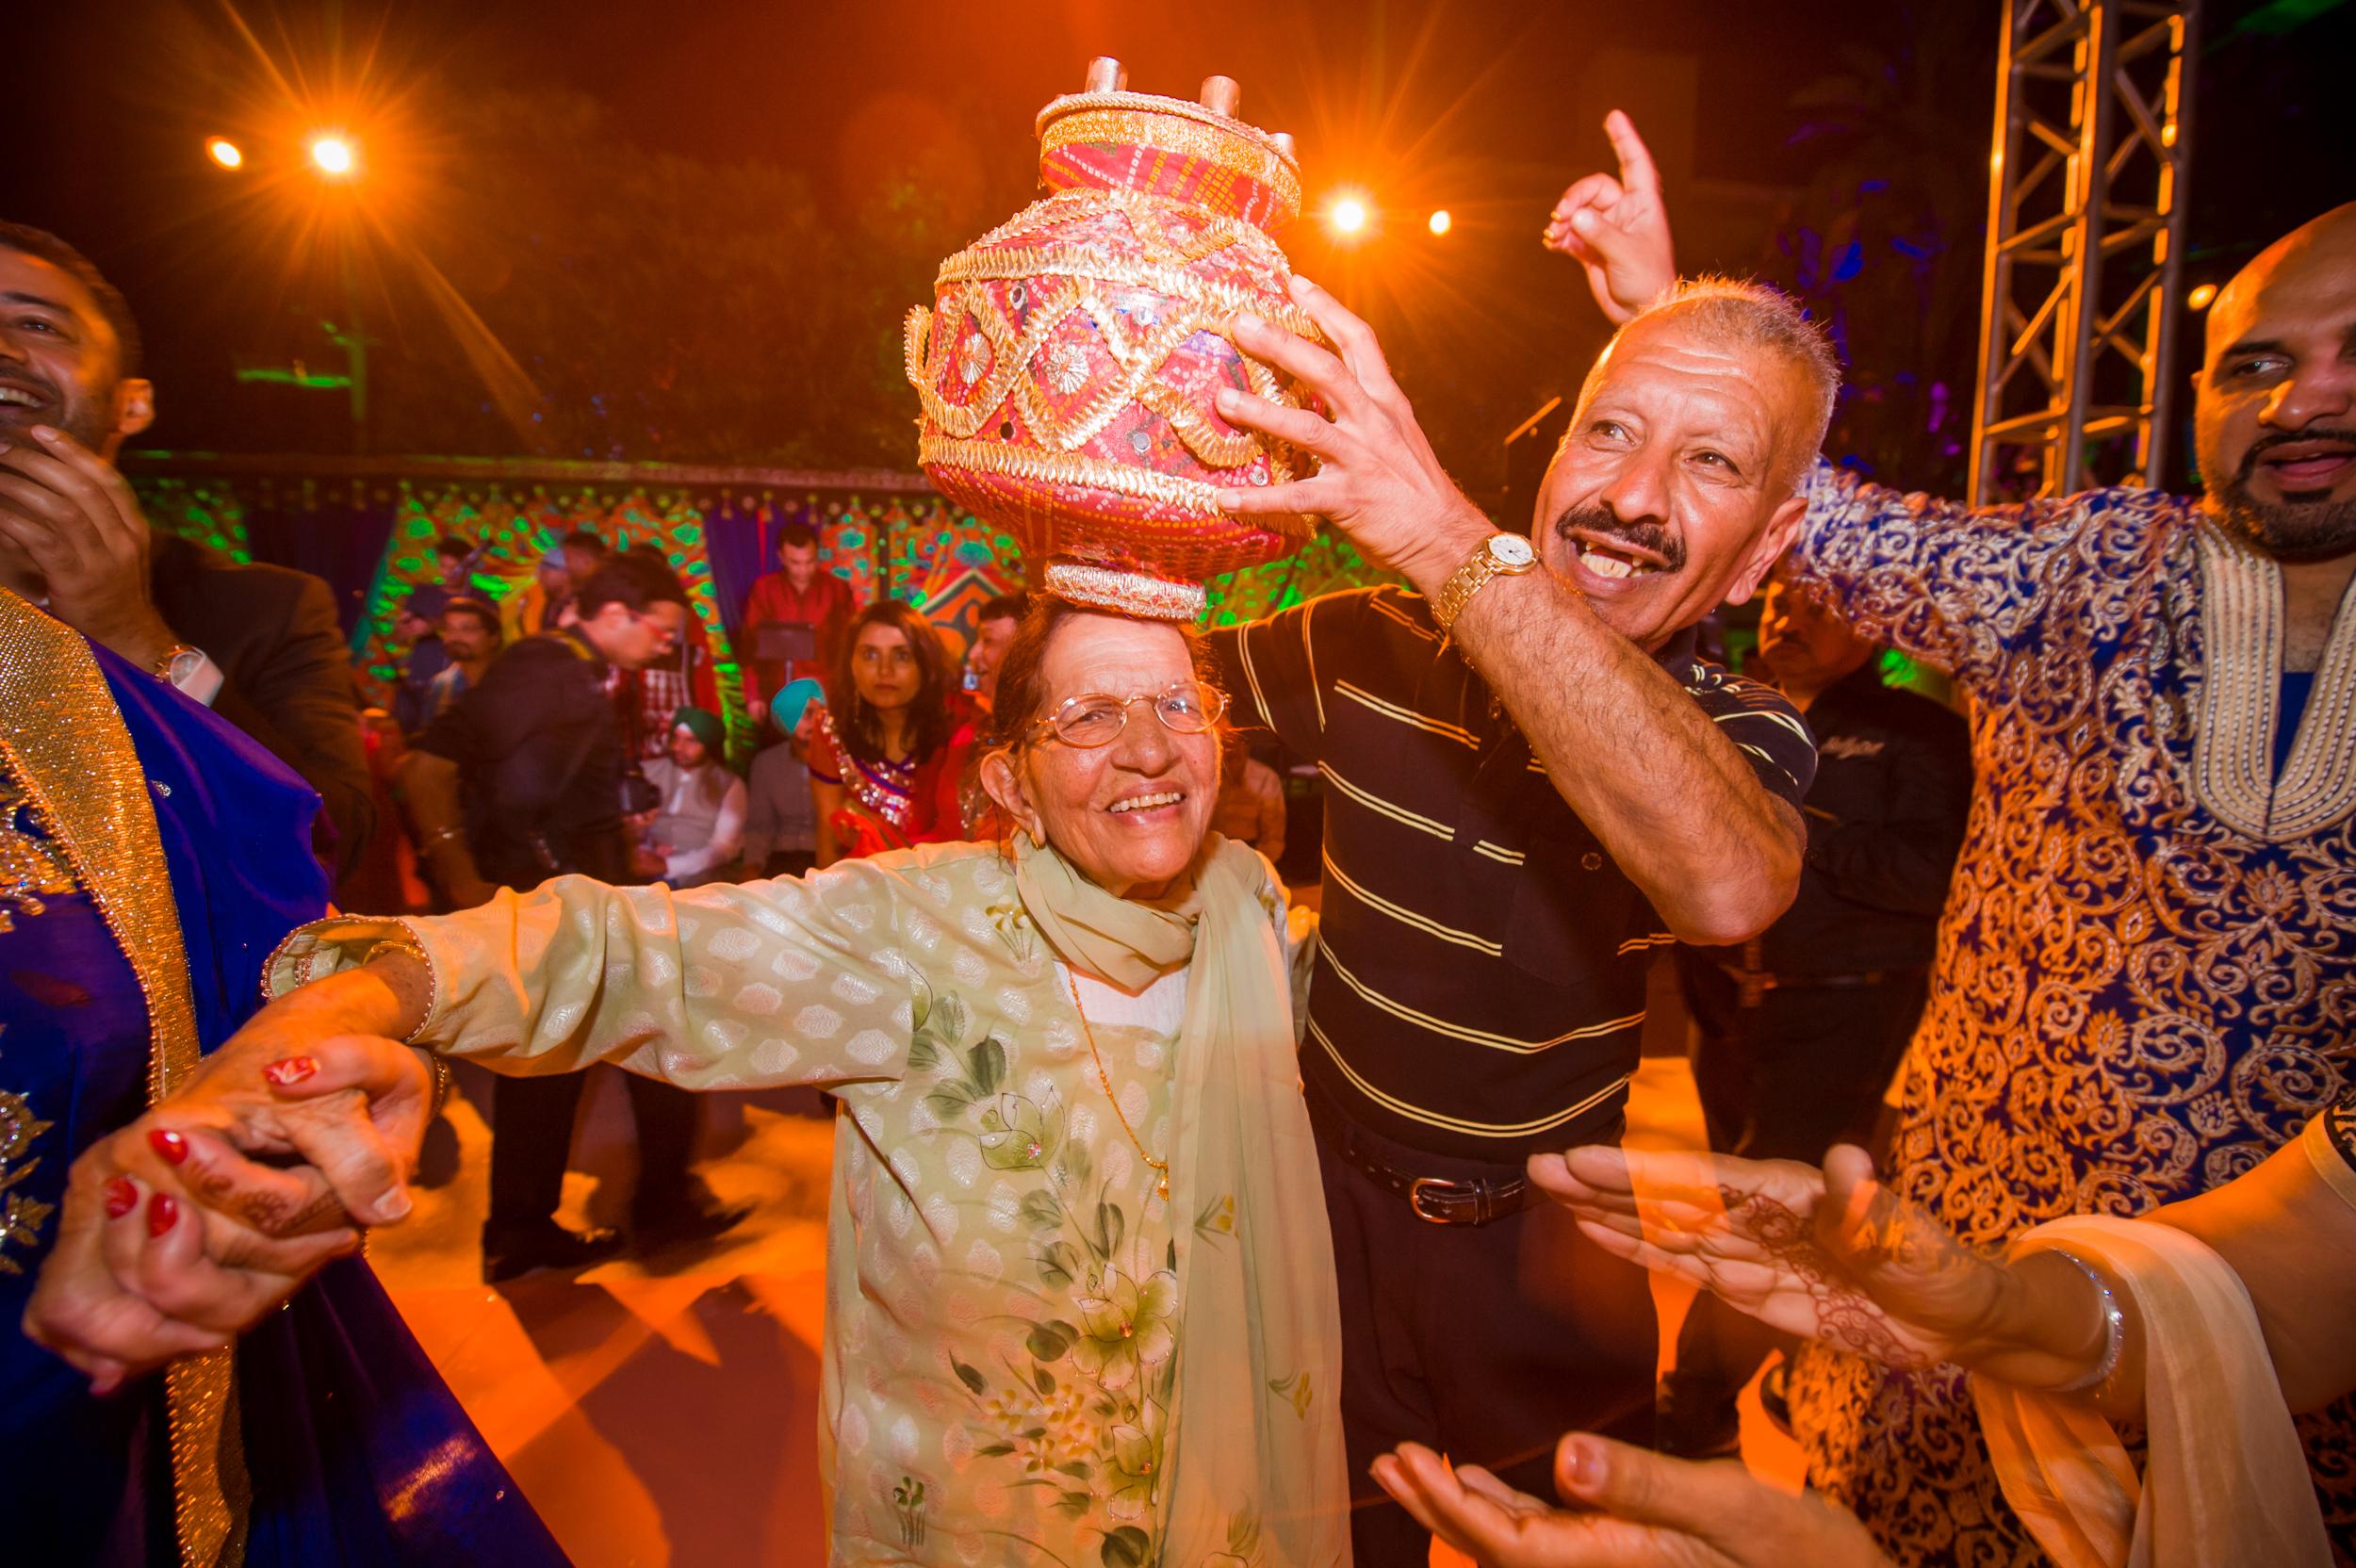 JKP_Indian_Weddings_0149.JPG